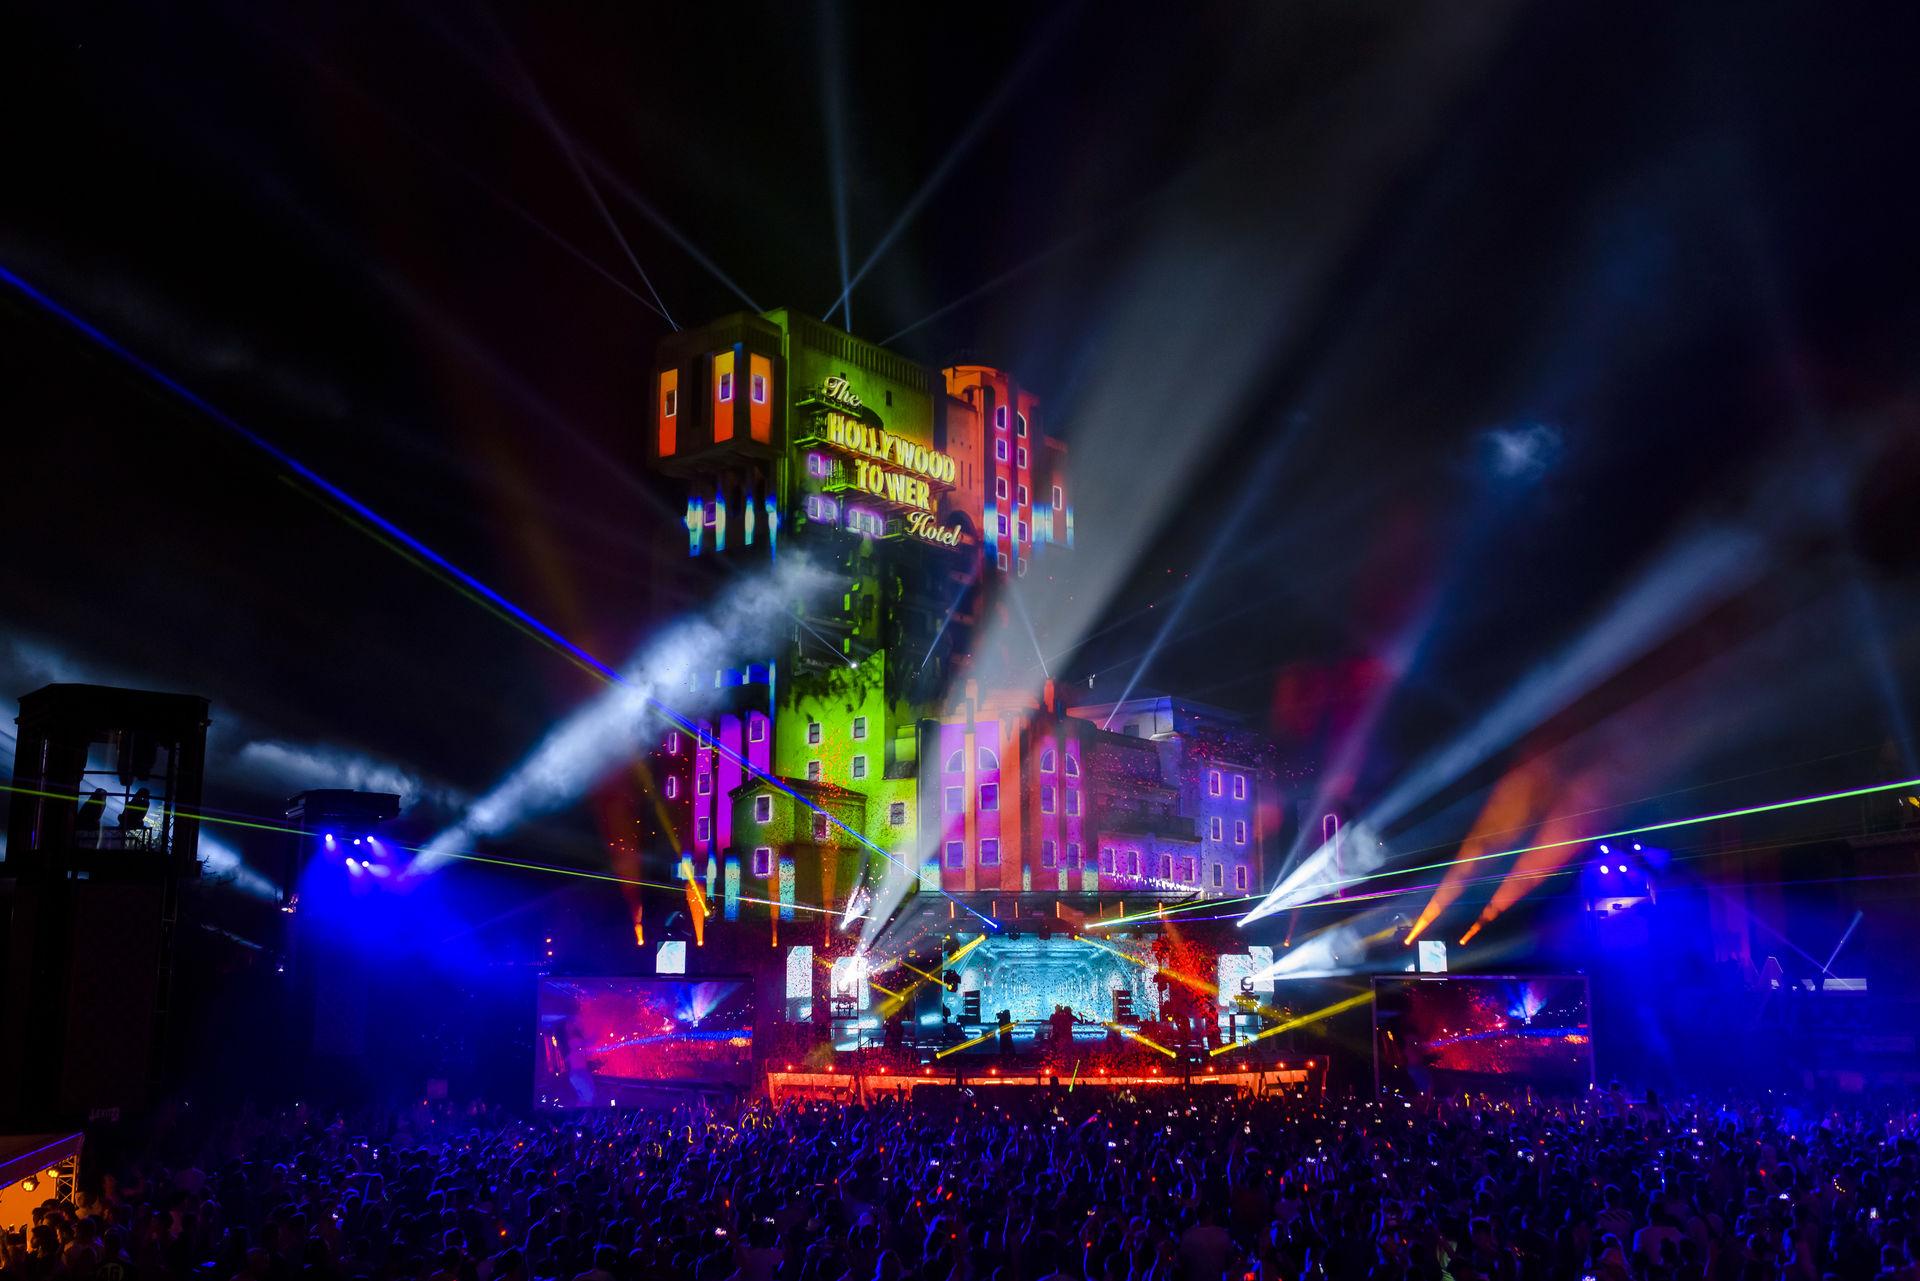 Disneyland Paris presenta le novità - eventi Hd192019